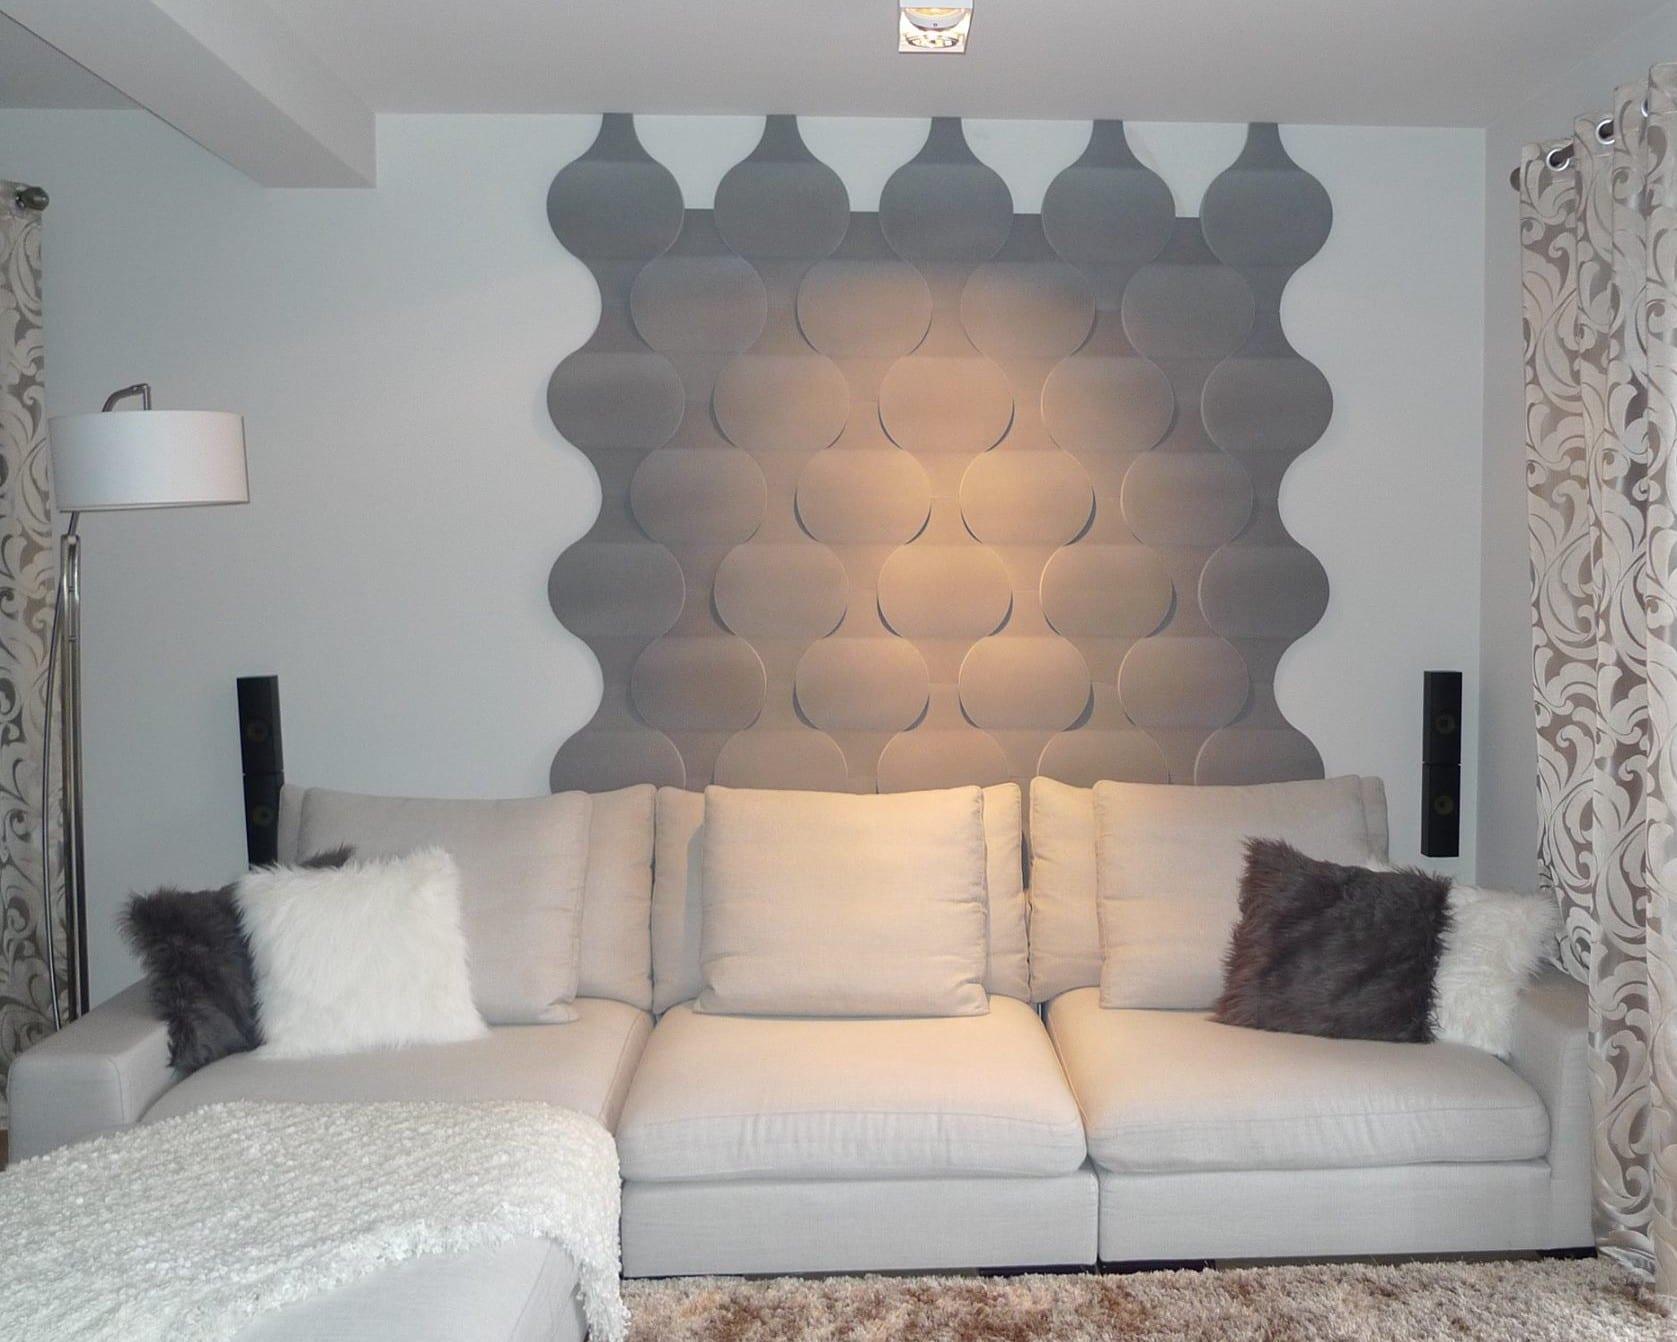 kreative wohnideen fr kleines wohnzimmer und moderne